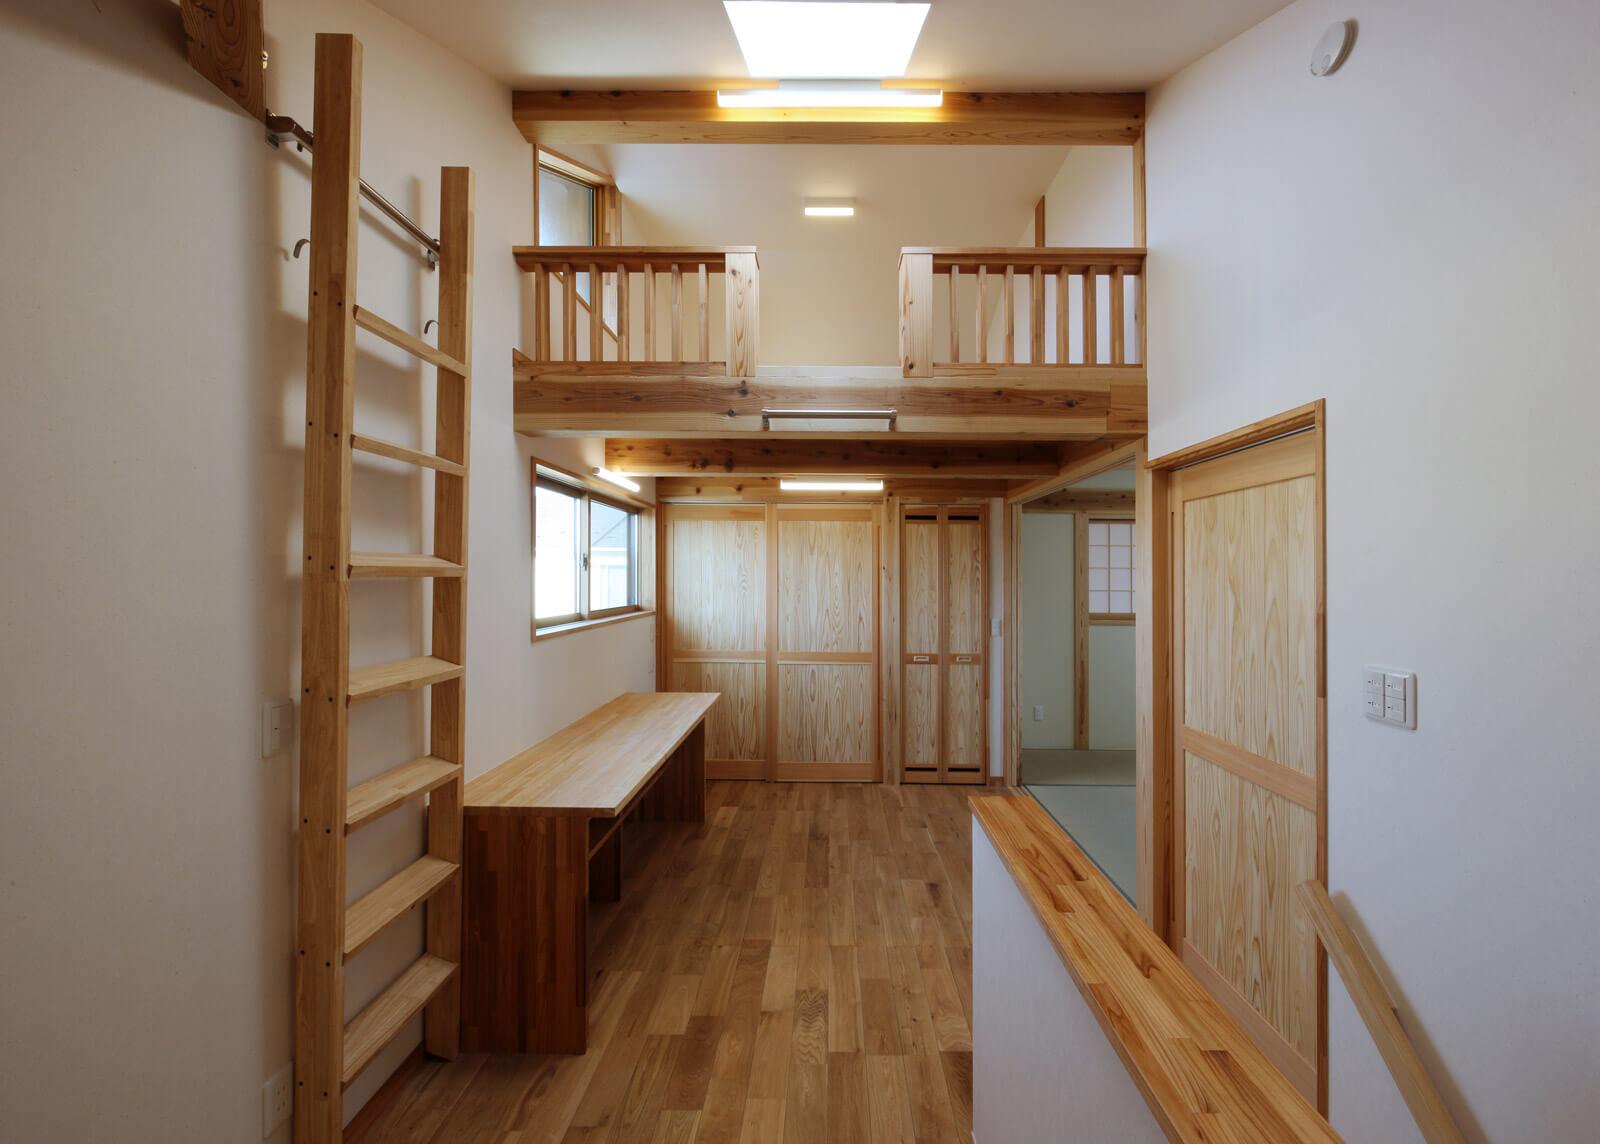 2階ホールから書斎コーナーを見る。上部にはロフトを設けた